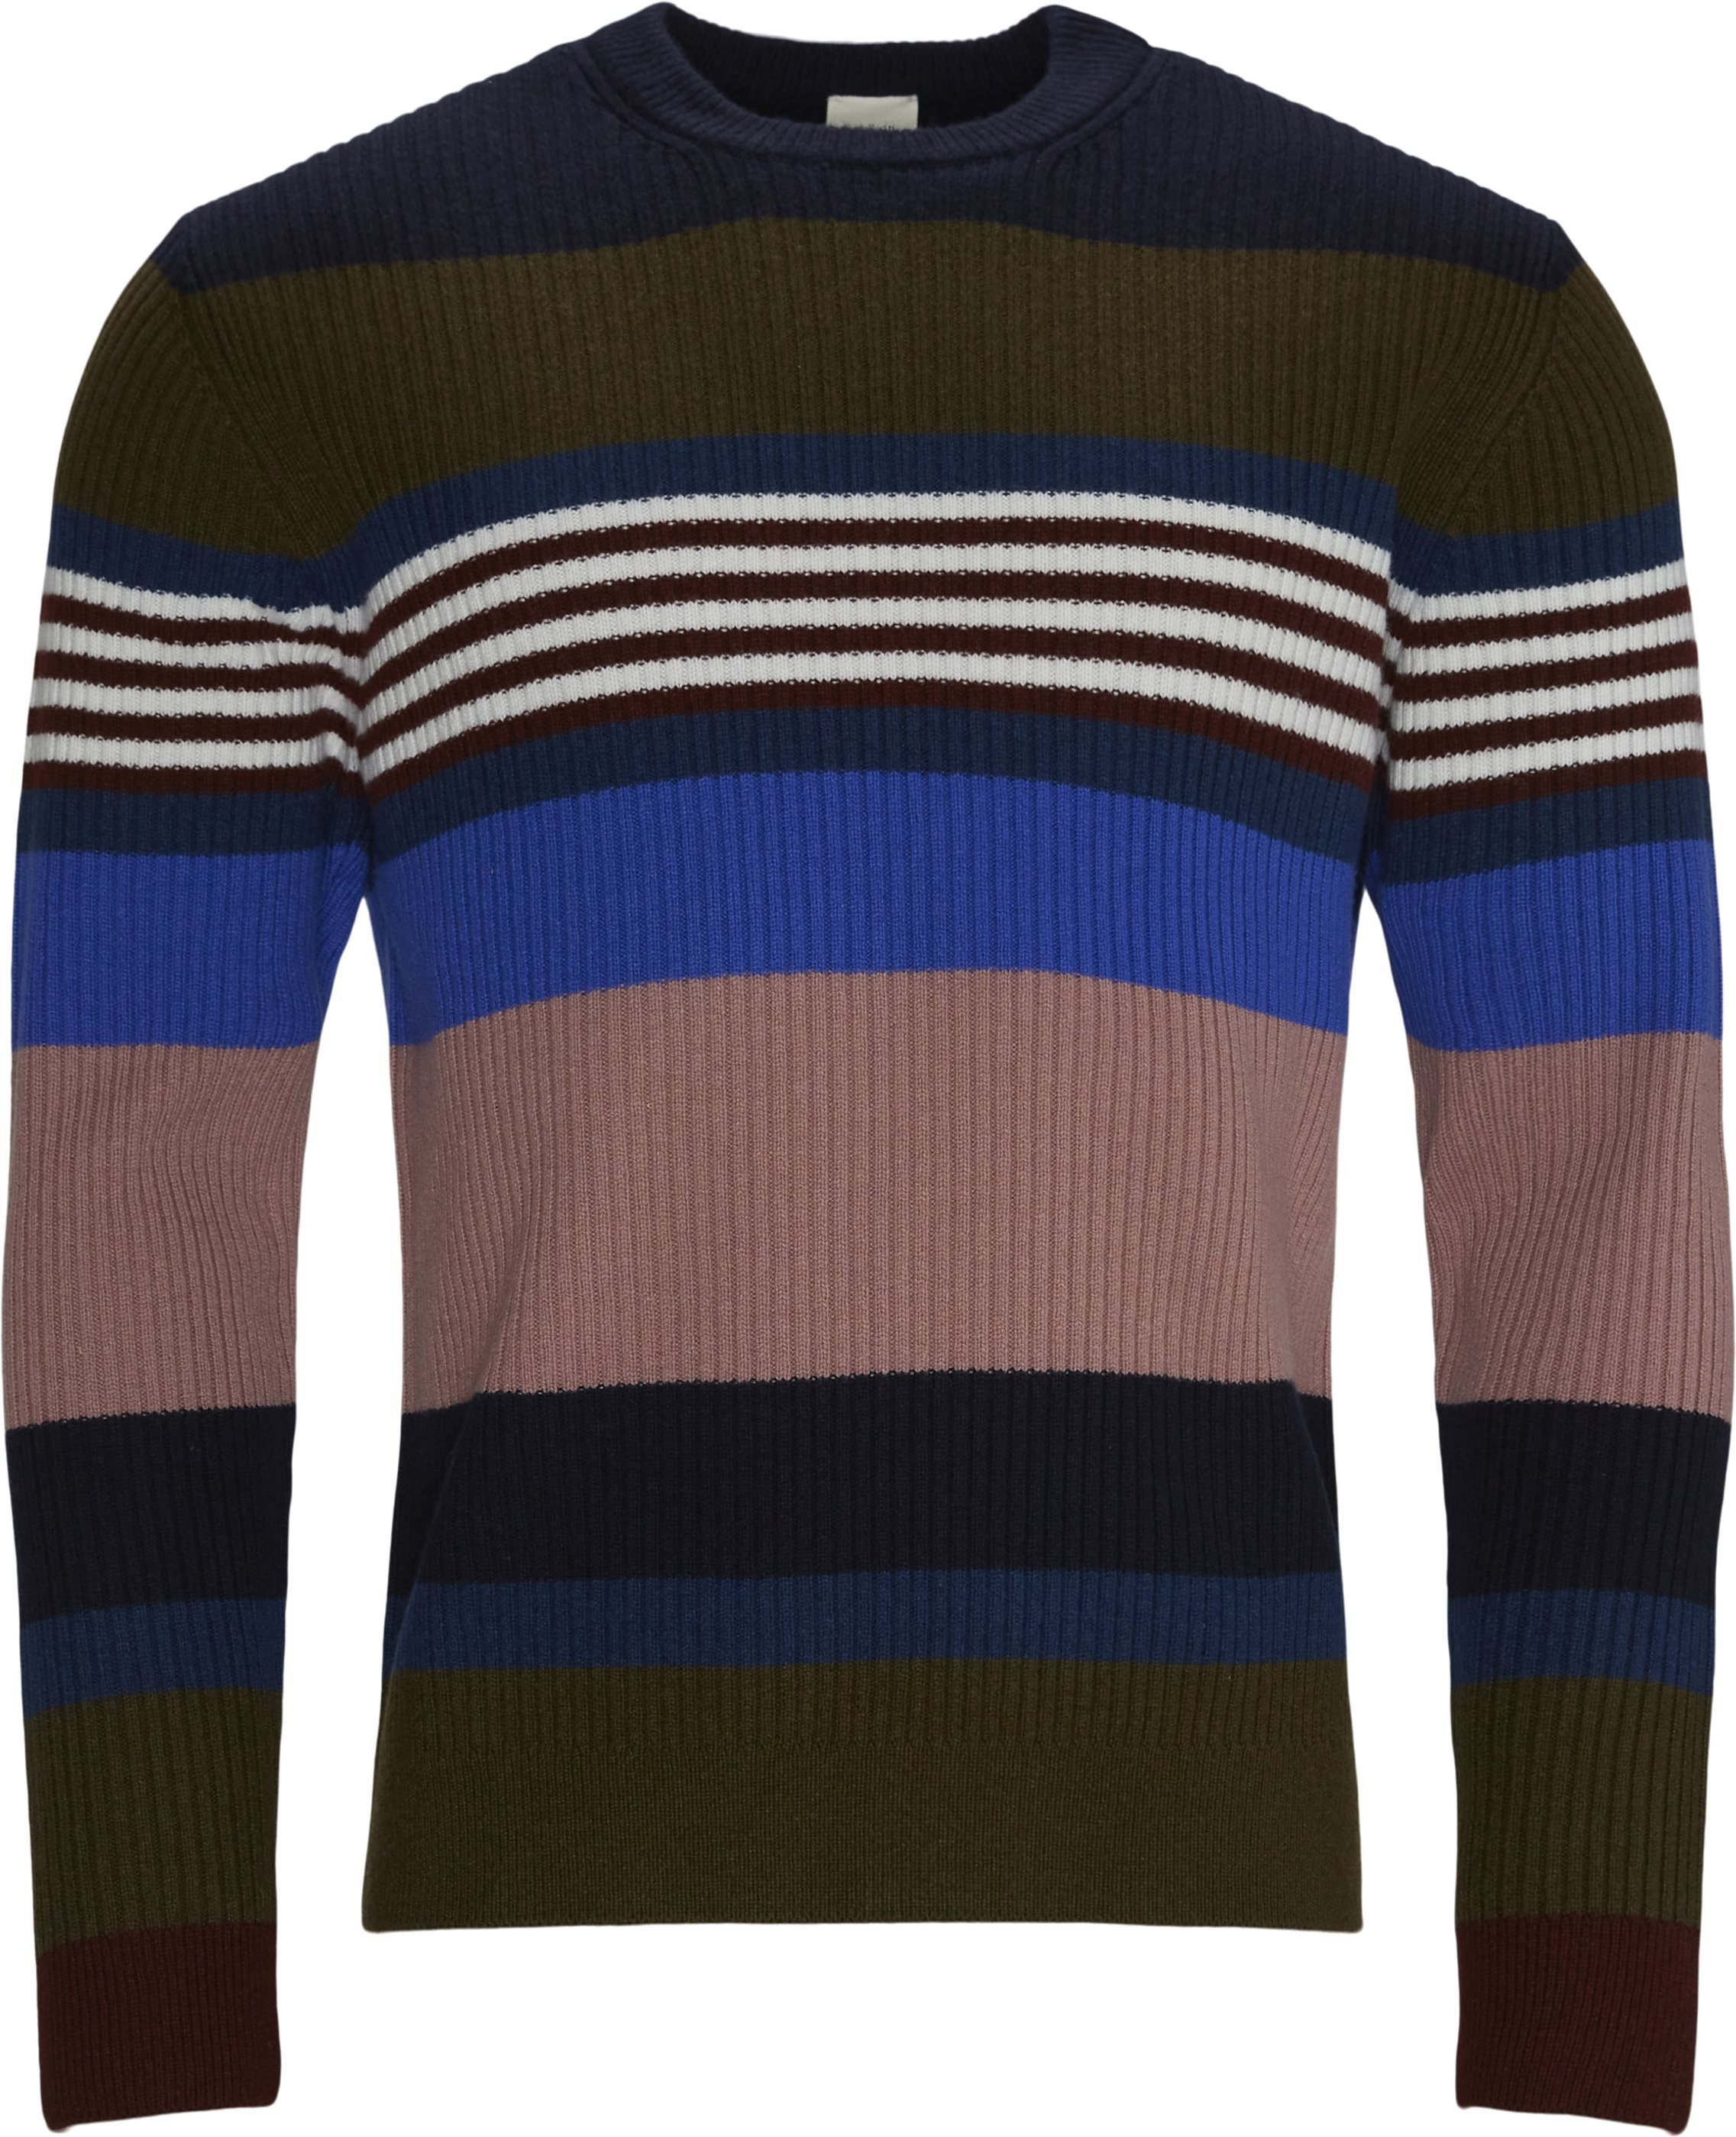 Knitwear - Regular fit - Multi